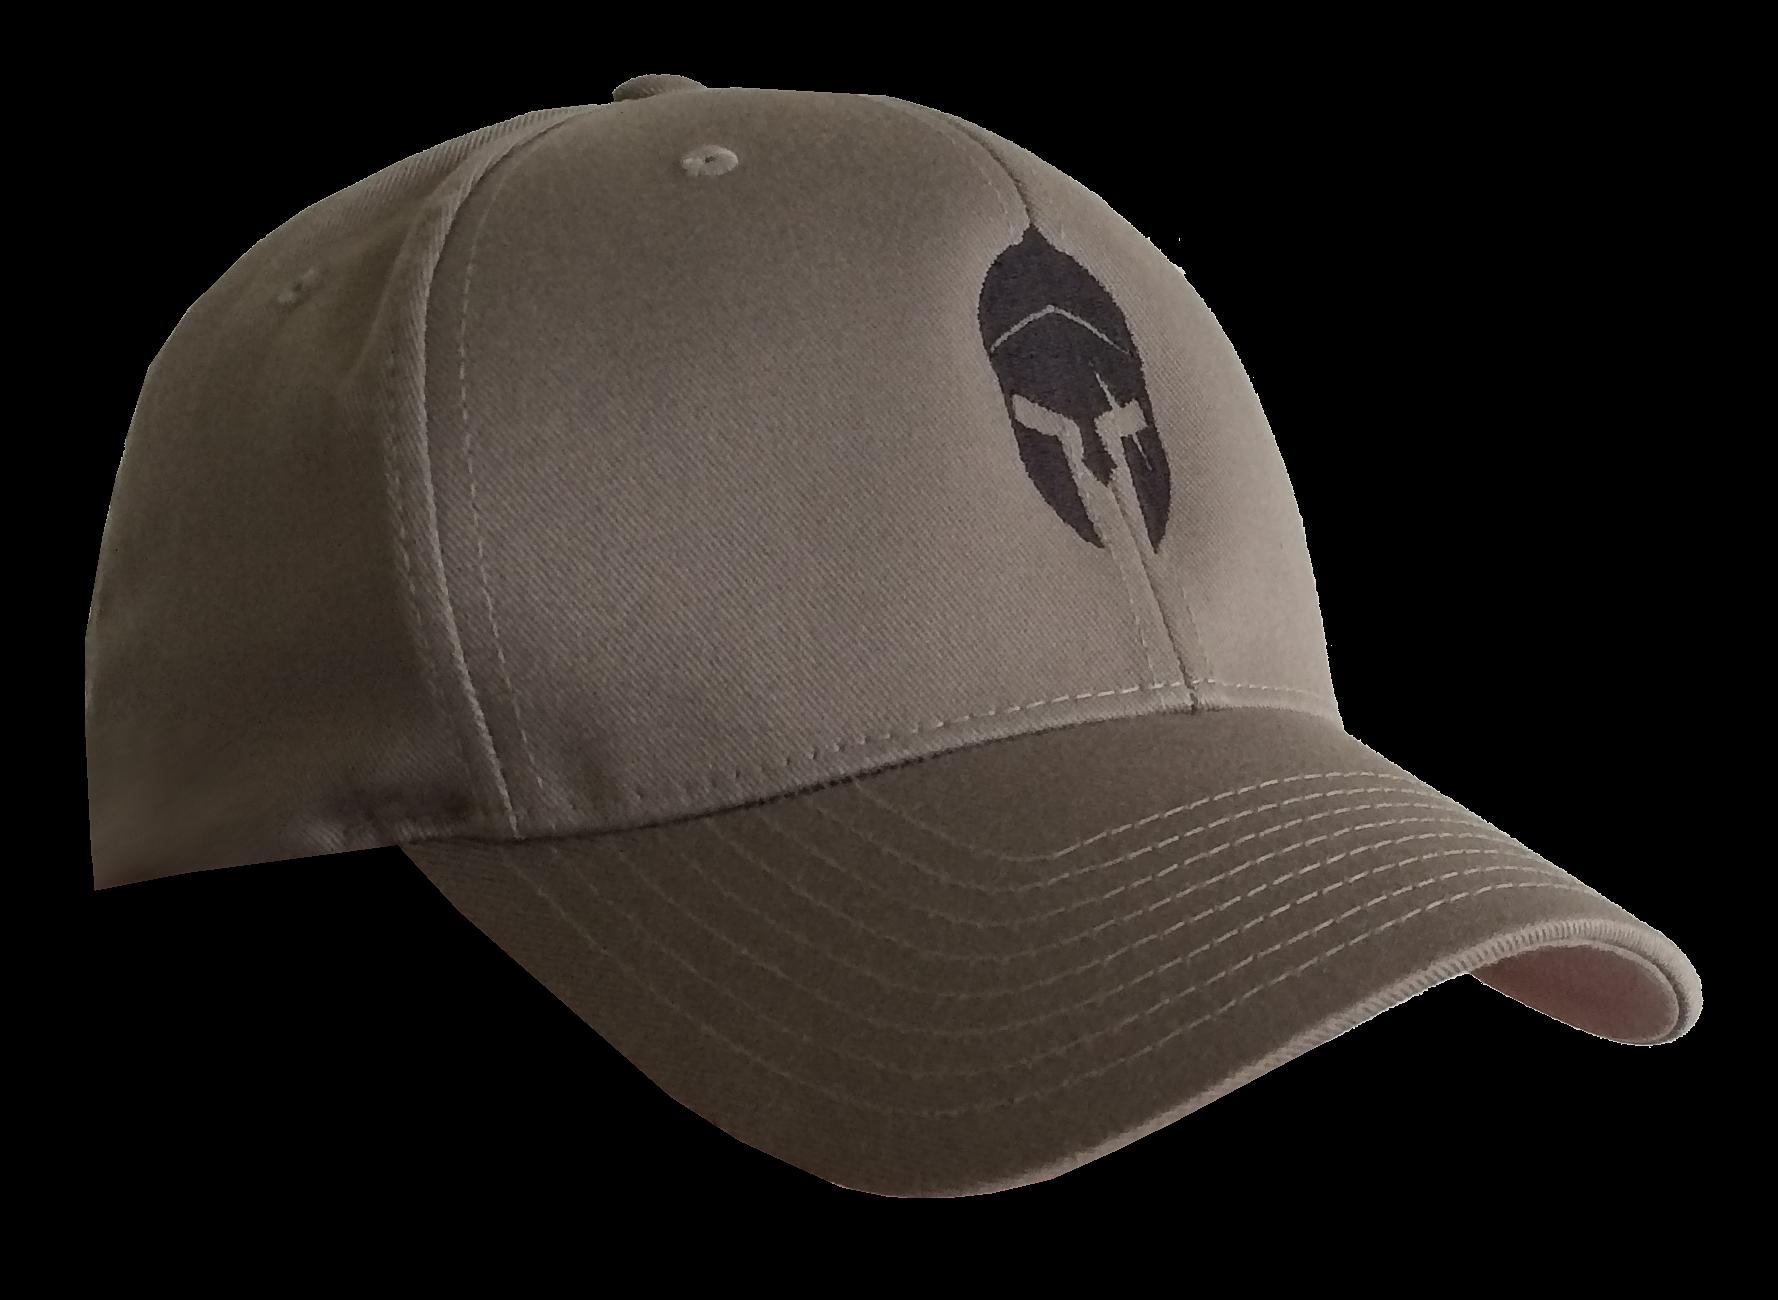 Navy Low Profile Cap Coyote cap US Casquette